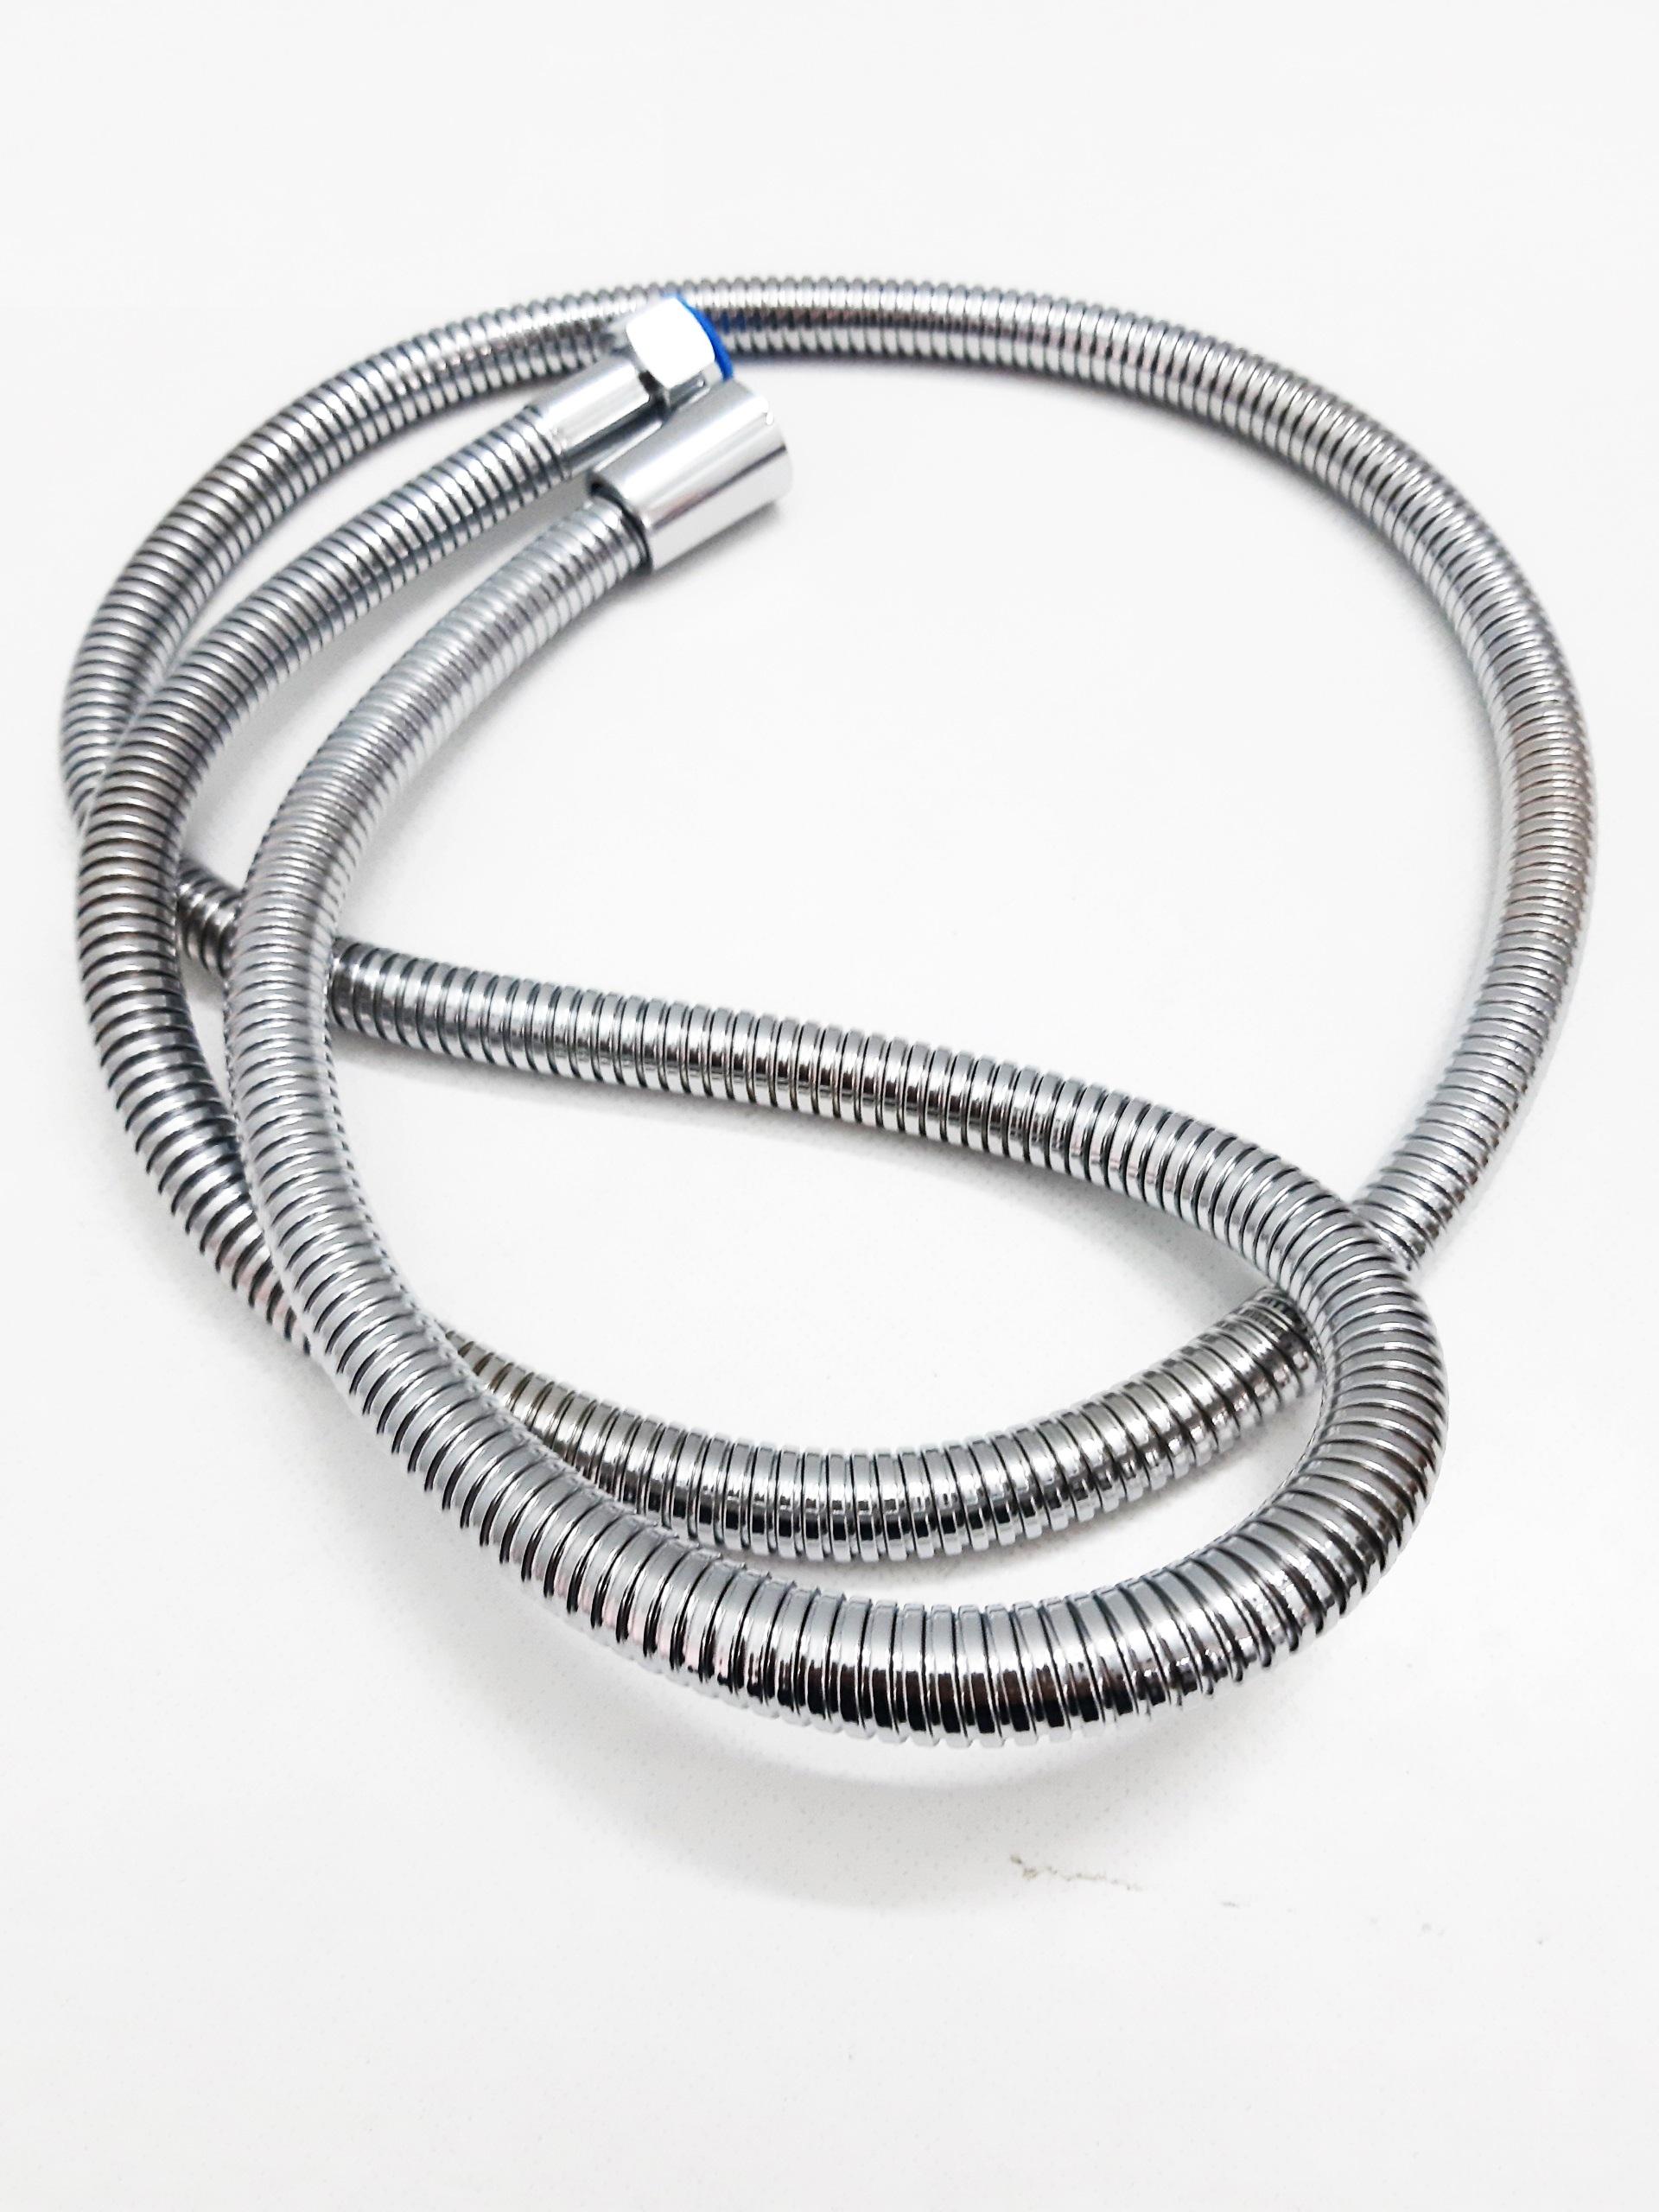 Bộ vòi sen tắm tăng áp lực nước Inox javal ( Vòi sen, dây lò xo, giá đỡ vòi, ốc vít... ) tiện lợi, cao cấp